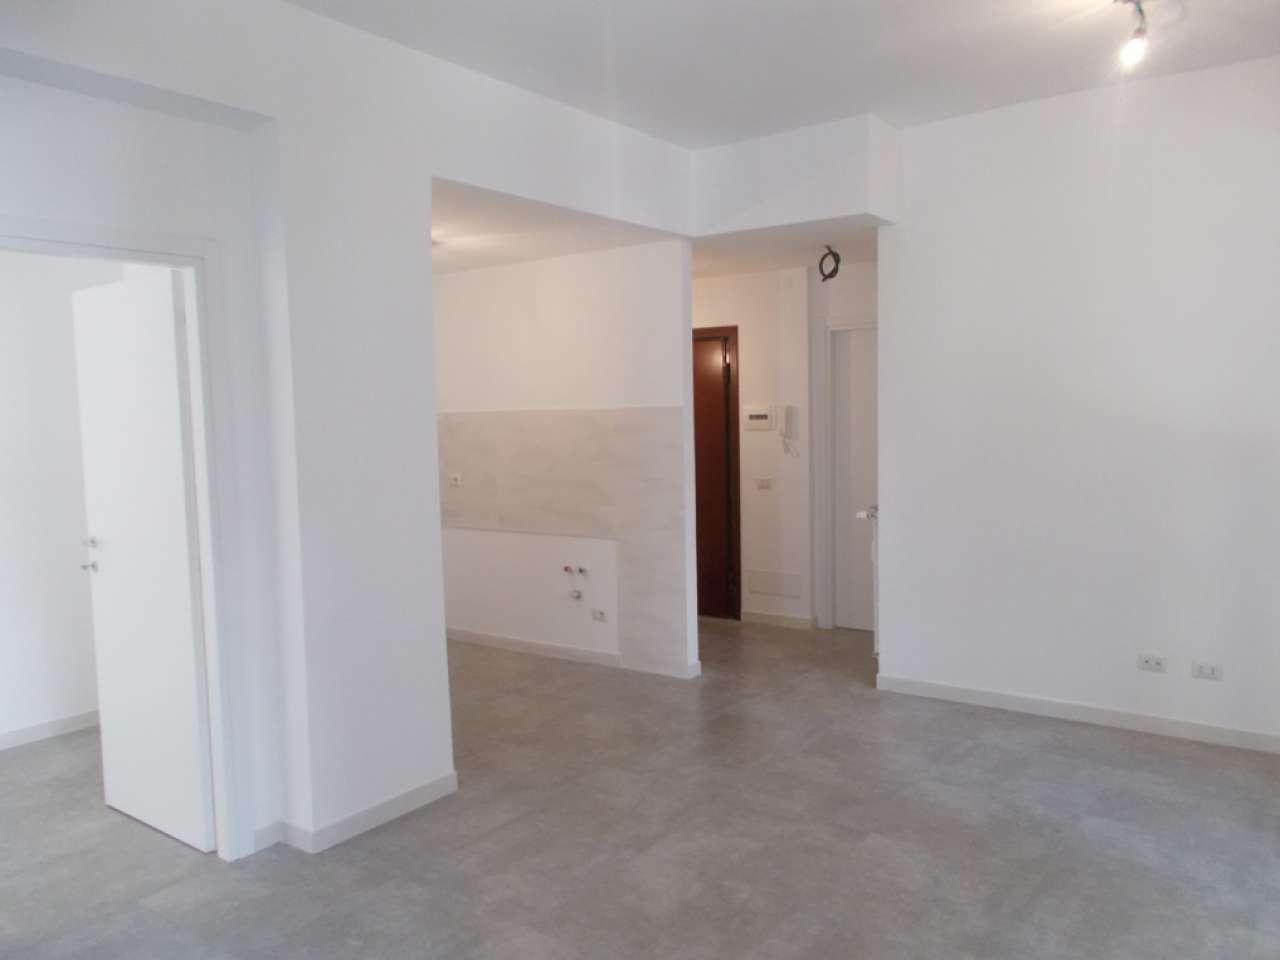 Appartamento in vendita a Roma, 3 locali, zona Zona: 29 . Balduina, Montemario, Sant'Onofrio, Trionfale, Camilluccia, Cortina d'Ampezzo, prezzo € 359.000 | CambioCasa.it